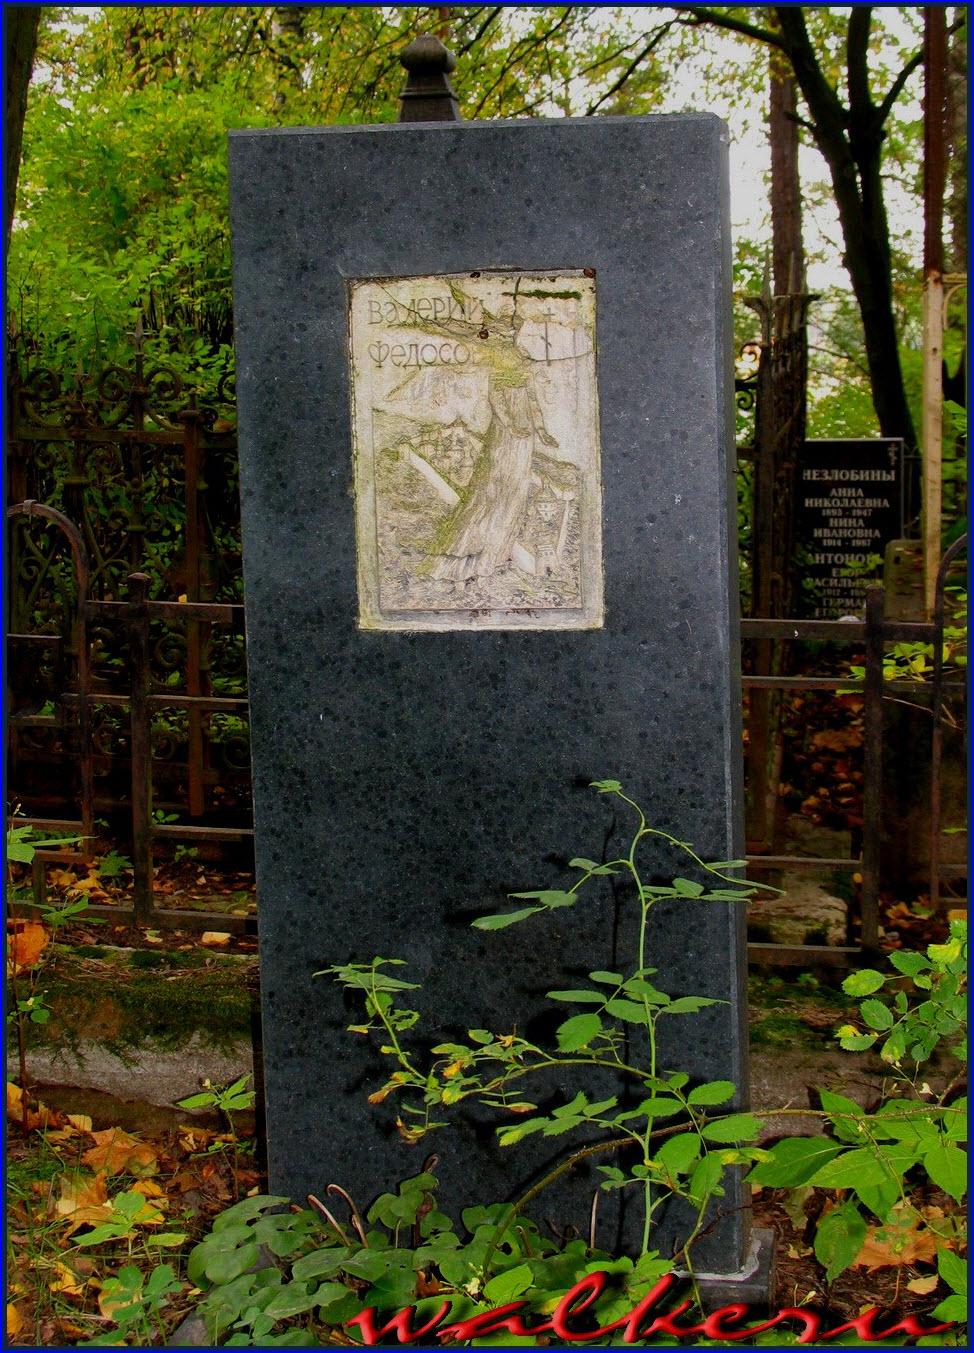 Могила Федосова В.И. на Шуваловском кладбище